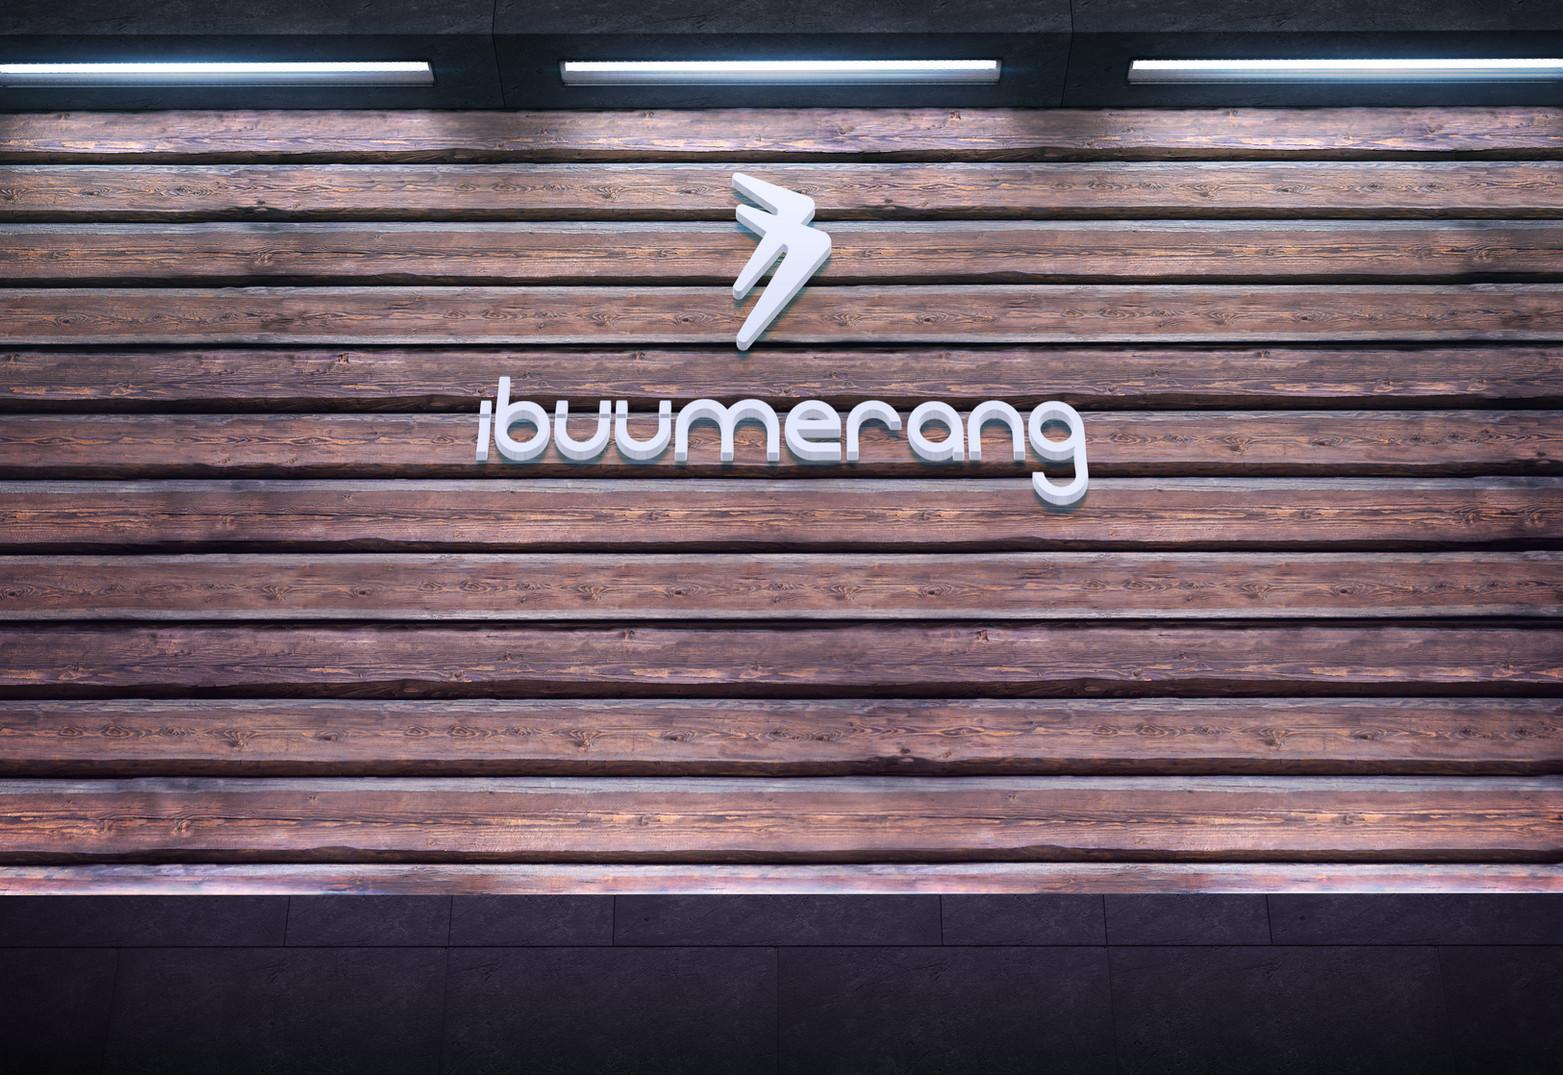 buum-zoom-3.jpg